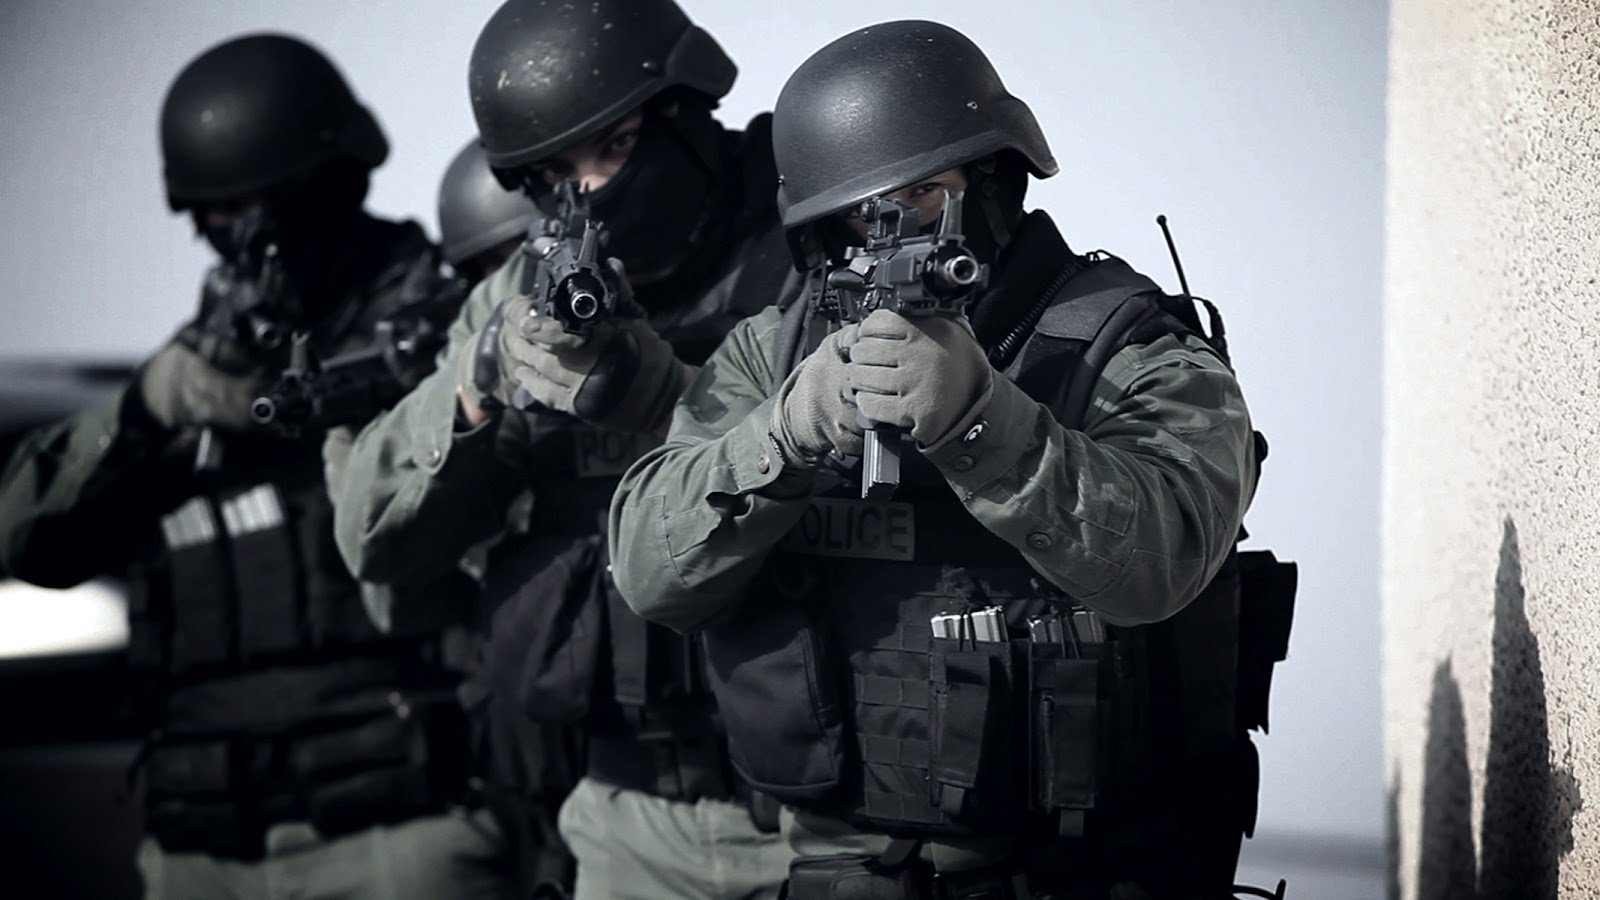 wallpaper Swat wallpaper wallpapers for desktop SWAT police 1600x900